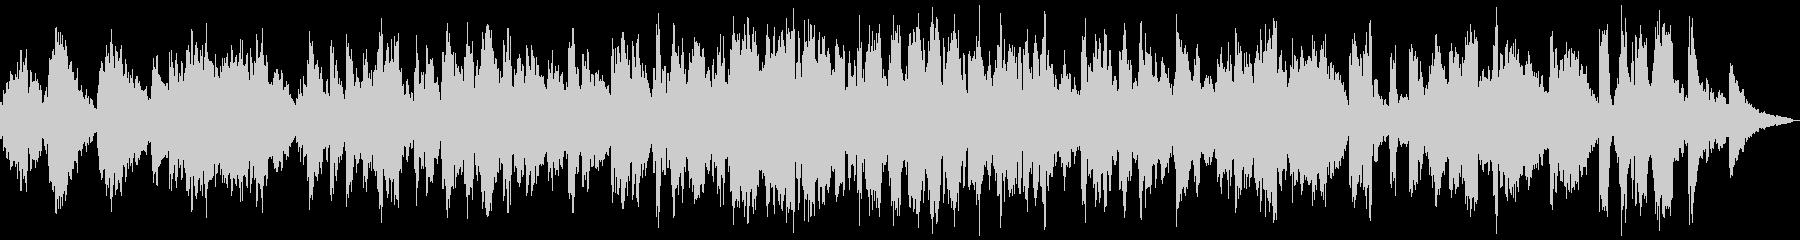 ローズピアノのフリーな雰囲気のアドリブの未再生の波形